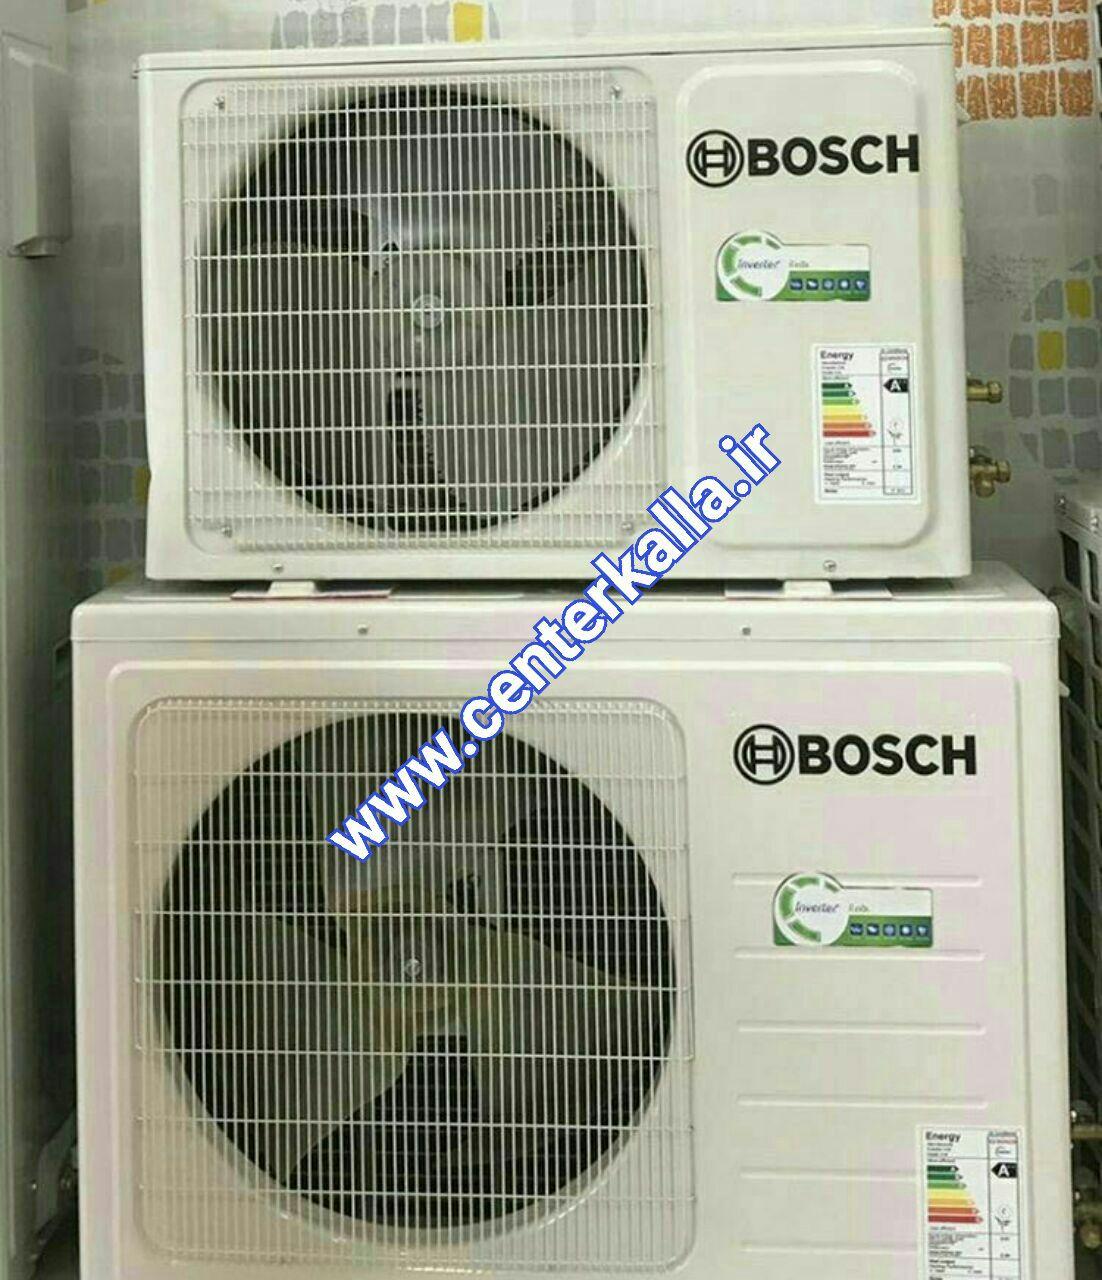 کولرگازی بوش سرما+گرما اینورترA++ مصرف40%کمتر 5 متر لوله و کابل رایگان